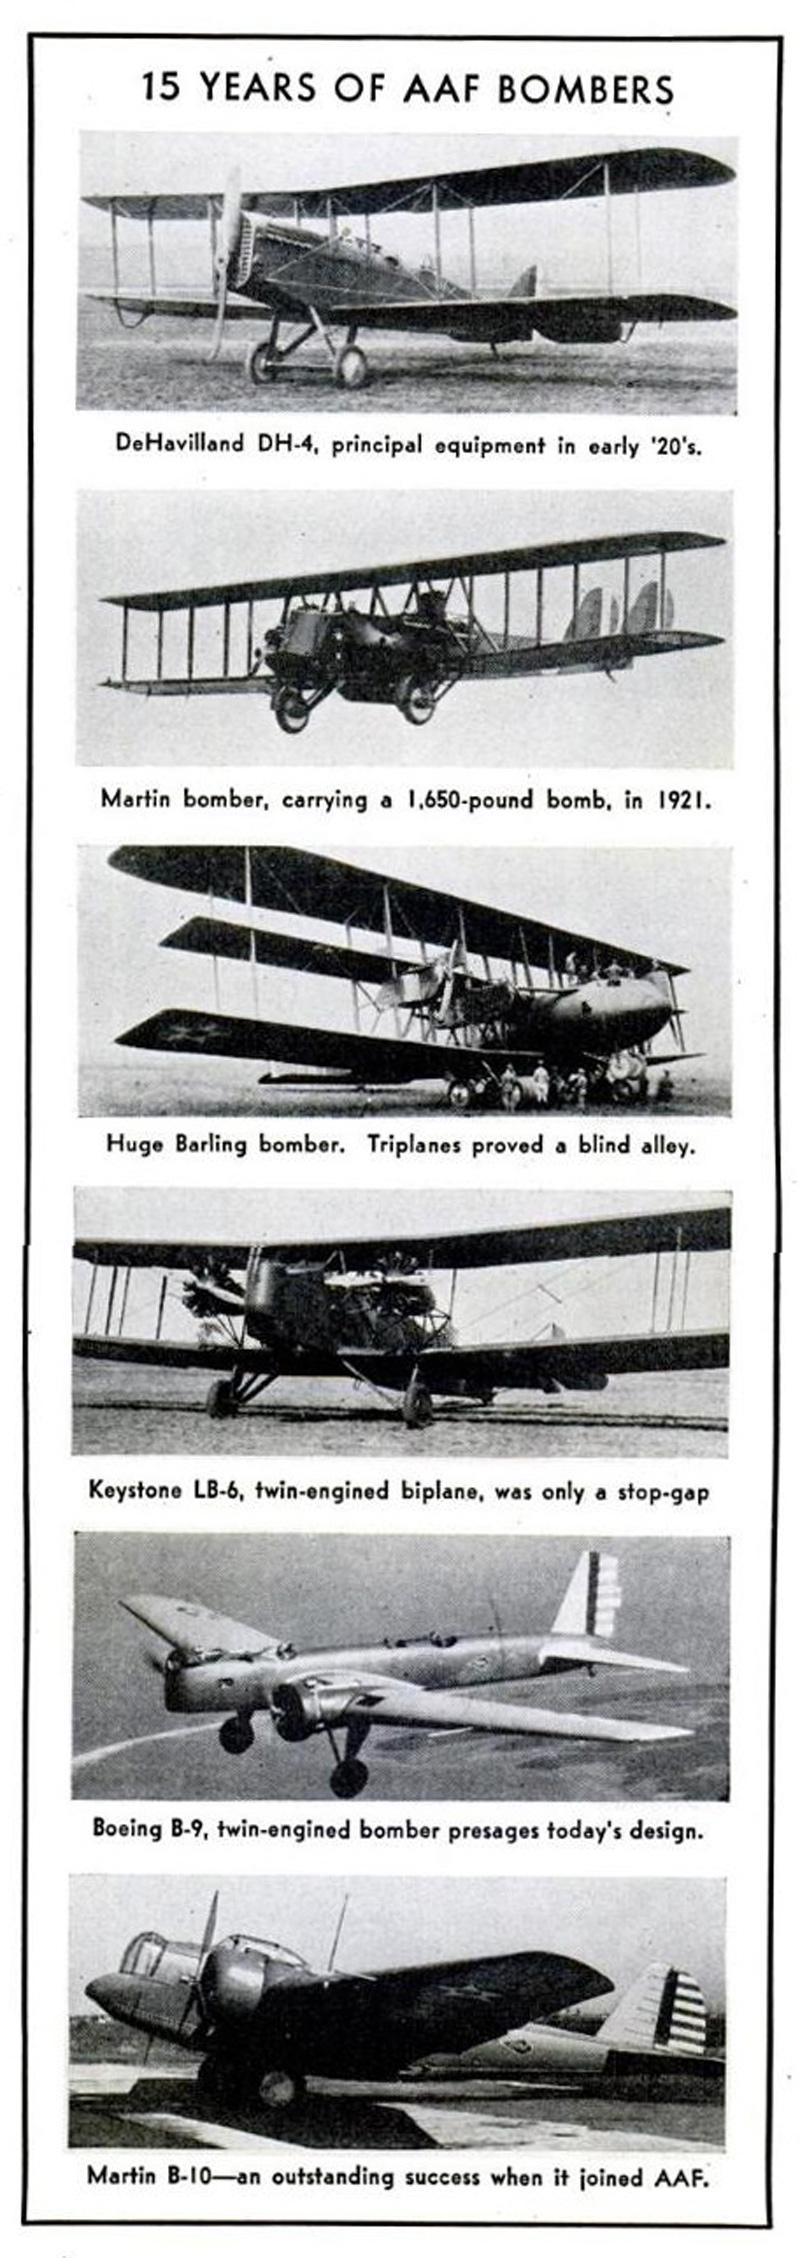 15years-of-aafbombers